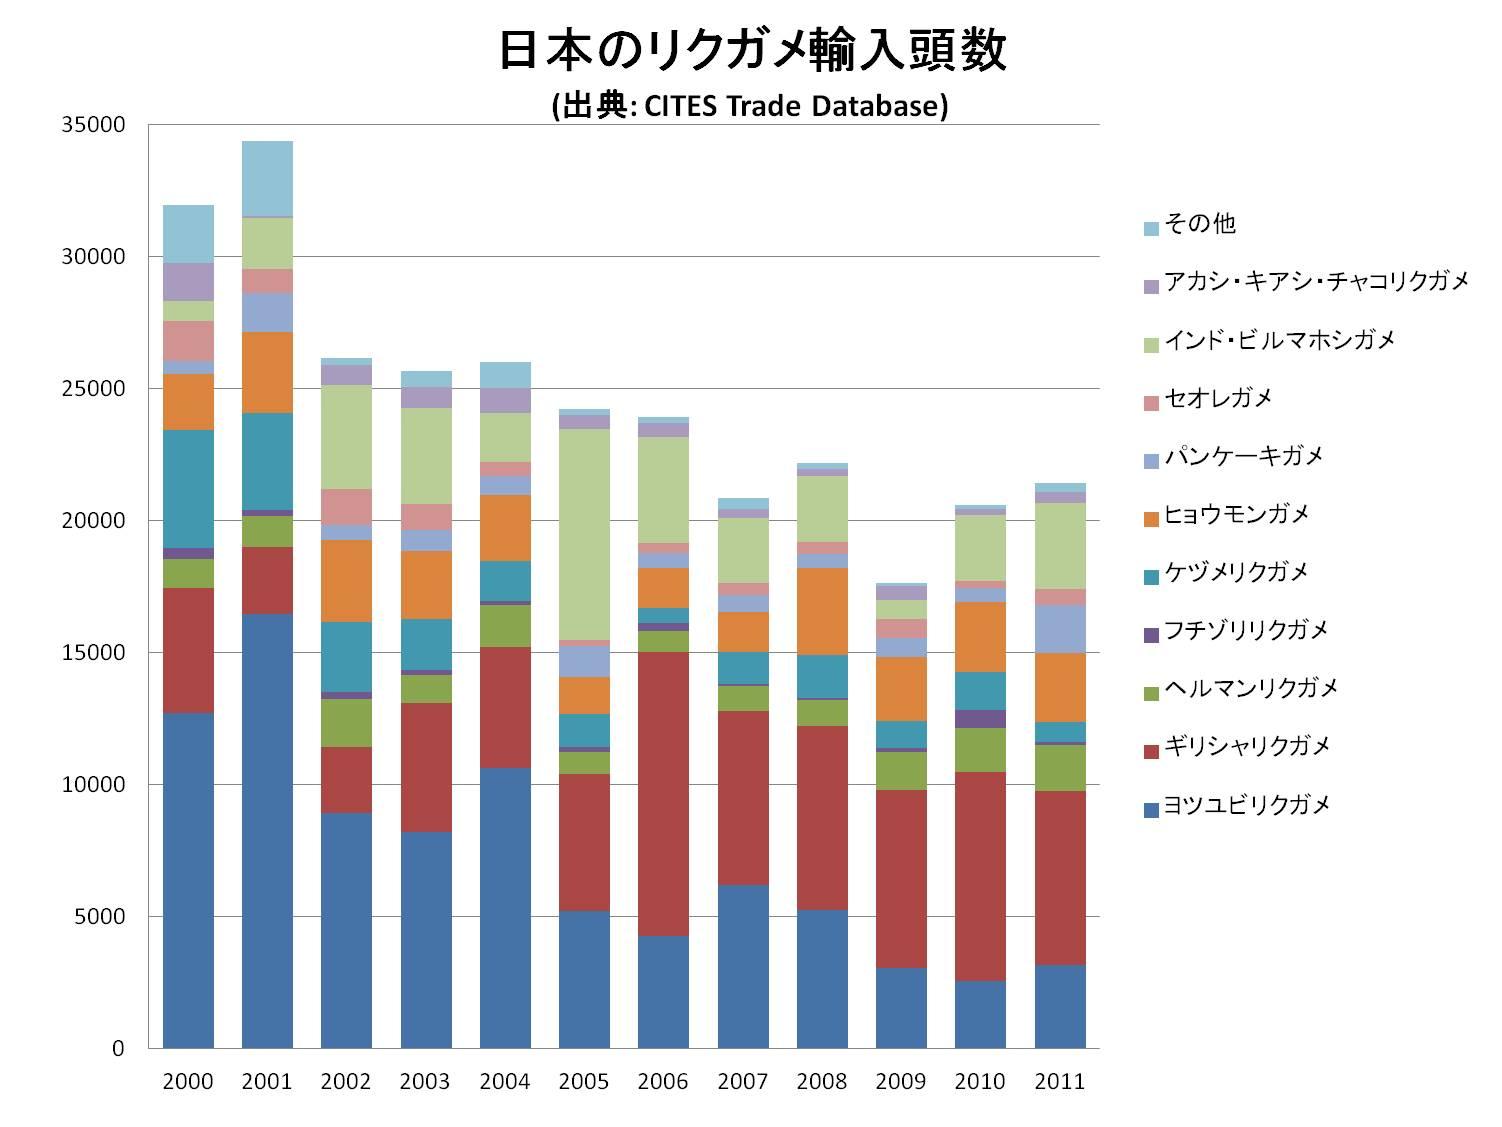 日本のリクガメの輸入頭数